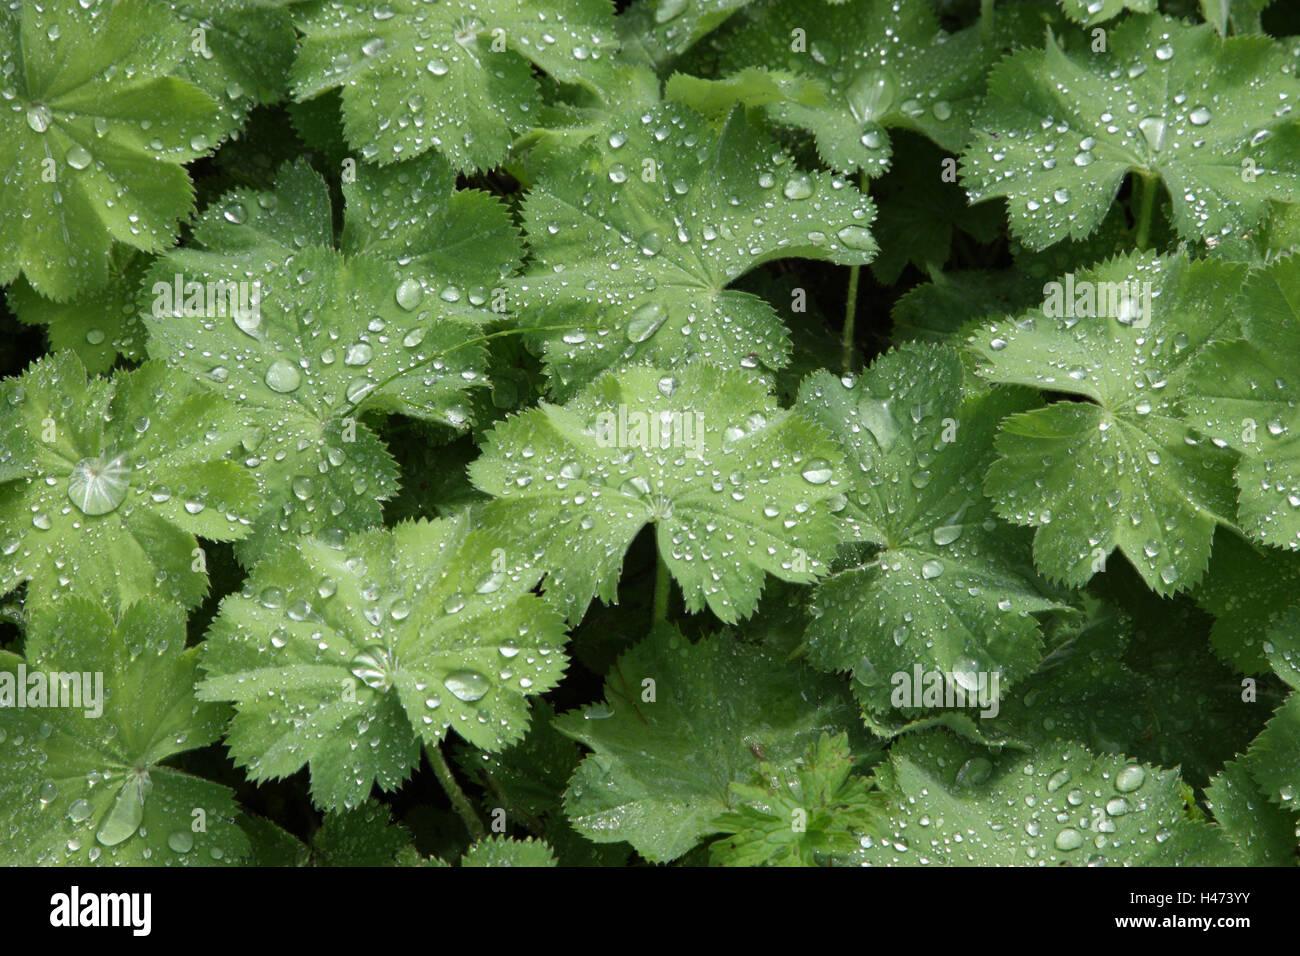 Frauen Gehäuse, Blätter mit Tropfen Wasser, Stockbild